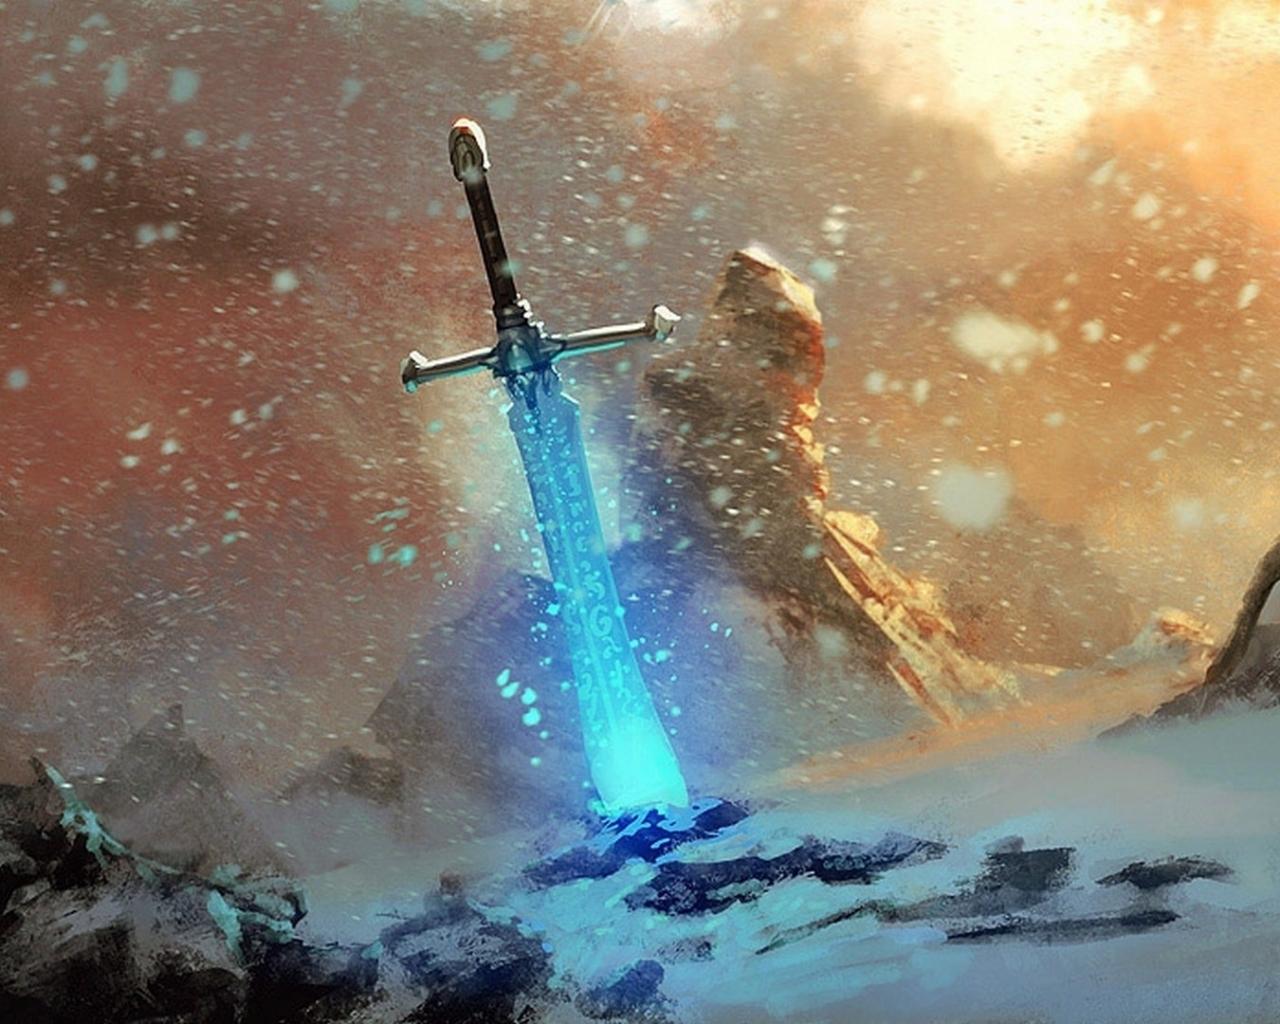 https://1.bp.blogspot.com/-aGFOUSTxZUA/V2mkWVF4CWI/AAAAAAAABsY/bNvj8UIn2H8QD5jBC8UhpDP1wImlczlnQCLcB/s1600/magic-sword.jpg